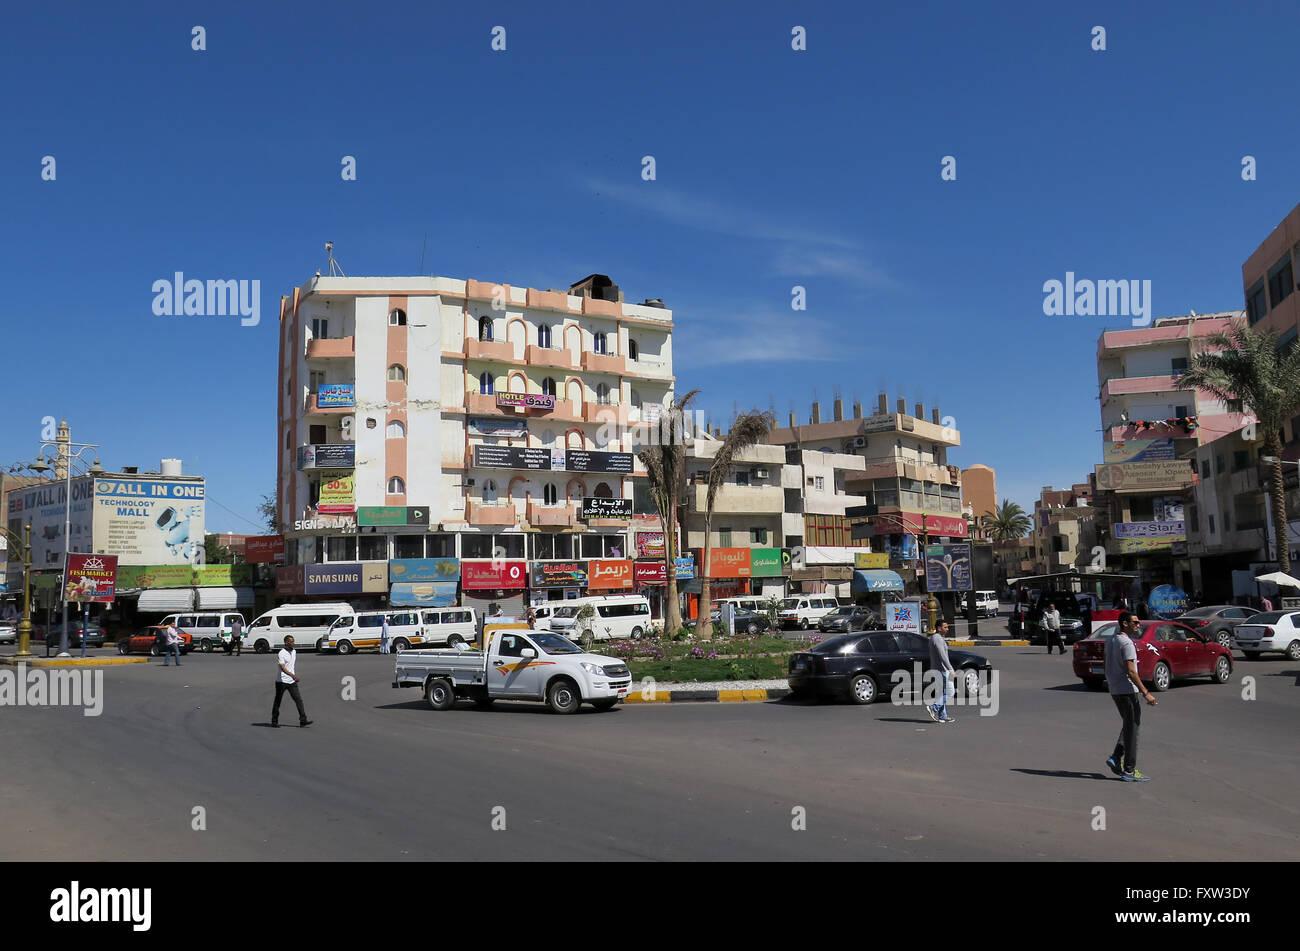 Strassenverkehr, Hurghada, Aegypten - Stock Image